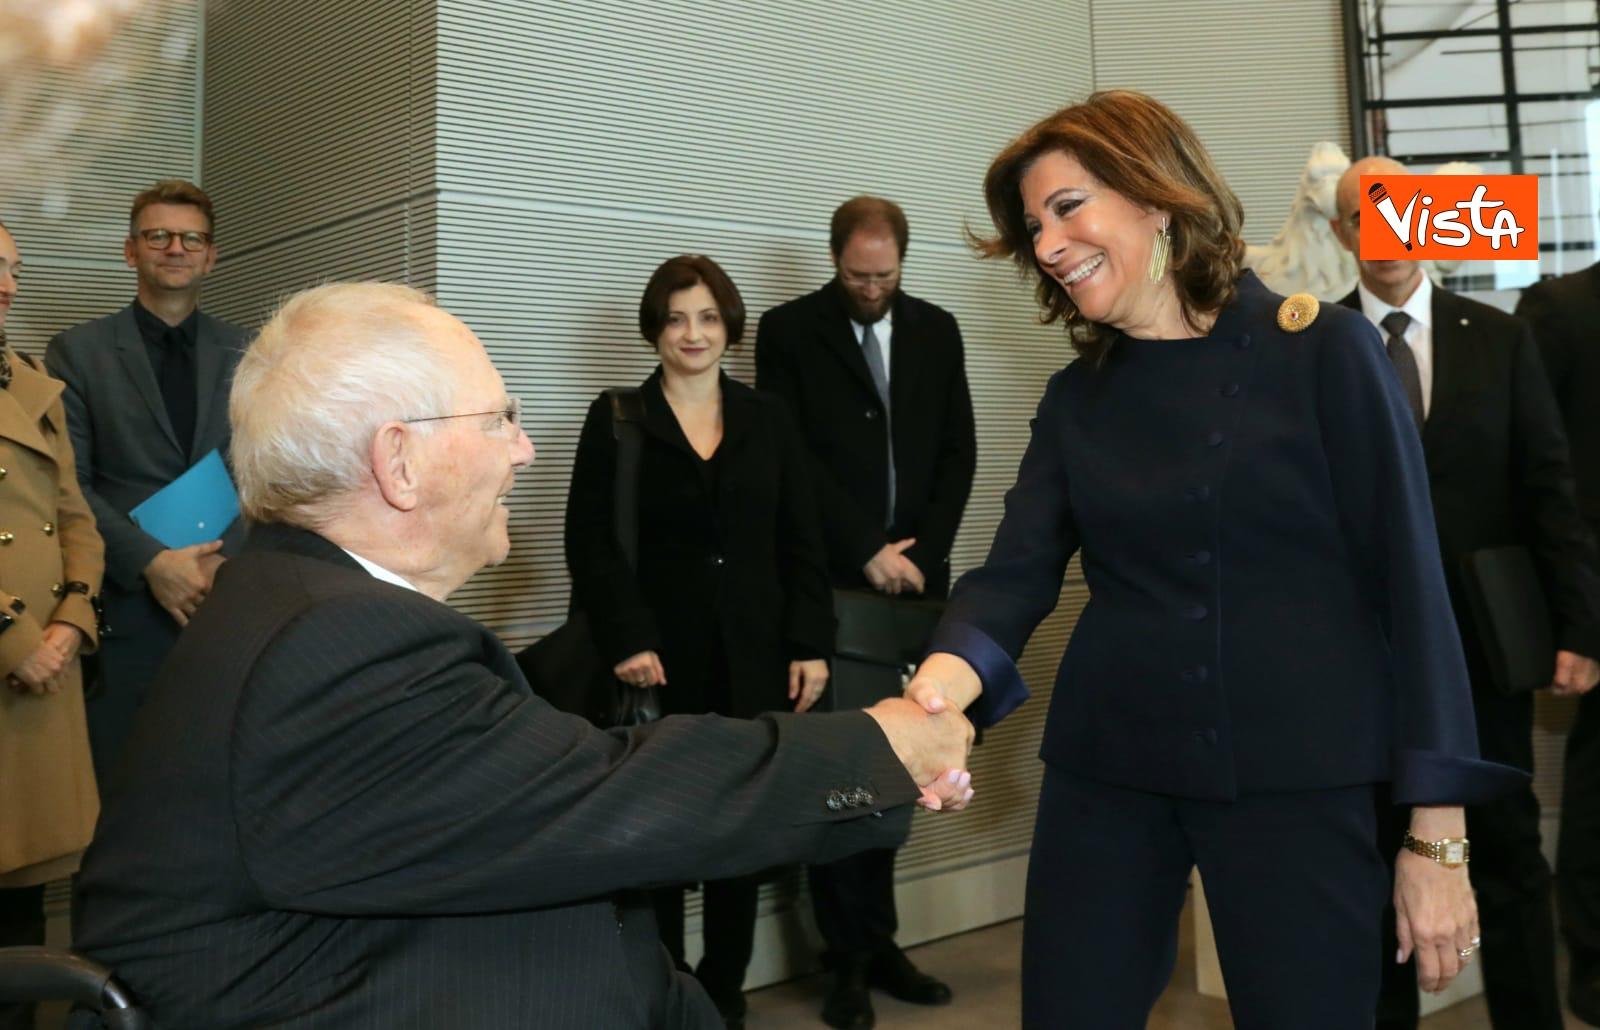 Casellati incontra il presidente del Bundestag Schauble a Berlino_03